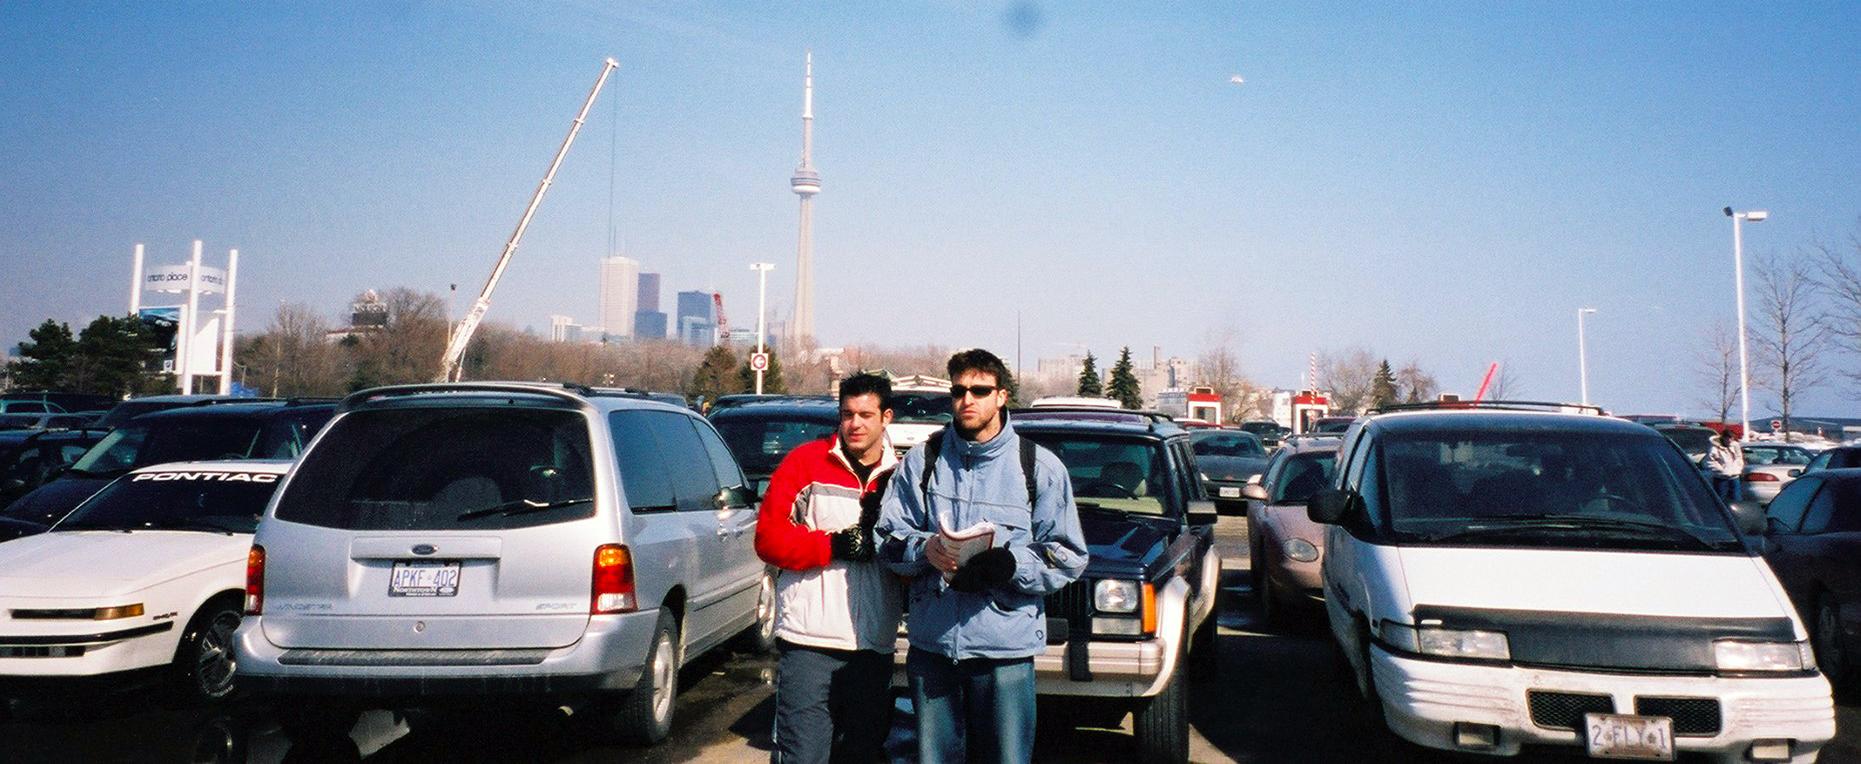 Guía de viajes a Canada, Visa a Canadá, Visado a Canadá canadá - 32315070826 faf14a8599 o - Guía de viajes y visa para Canadá